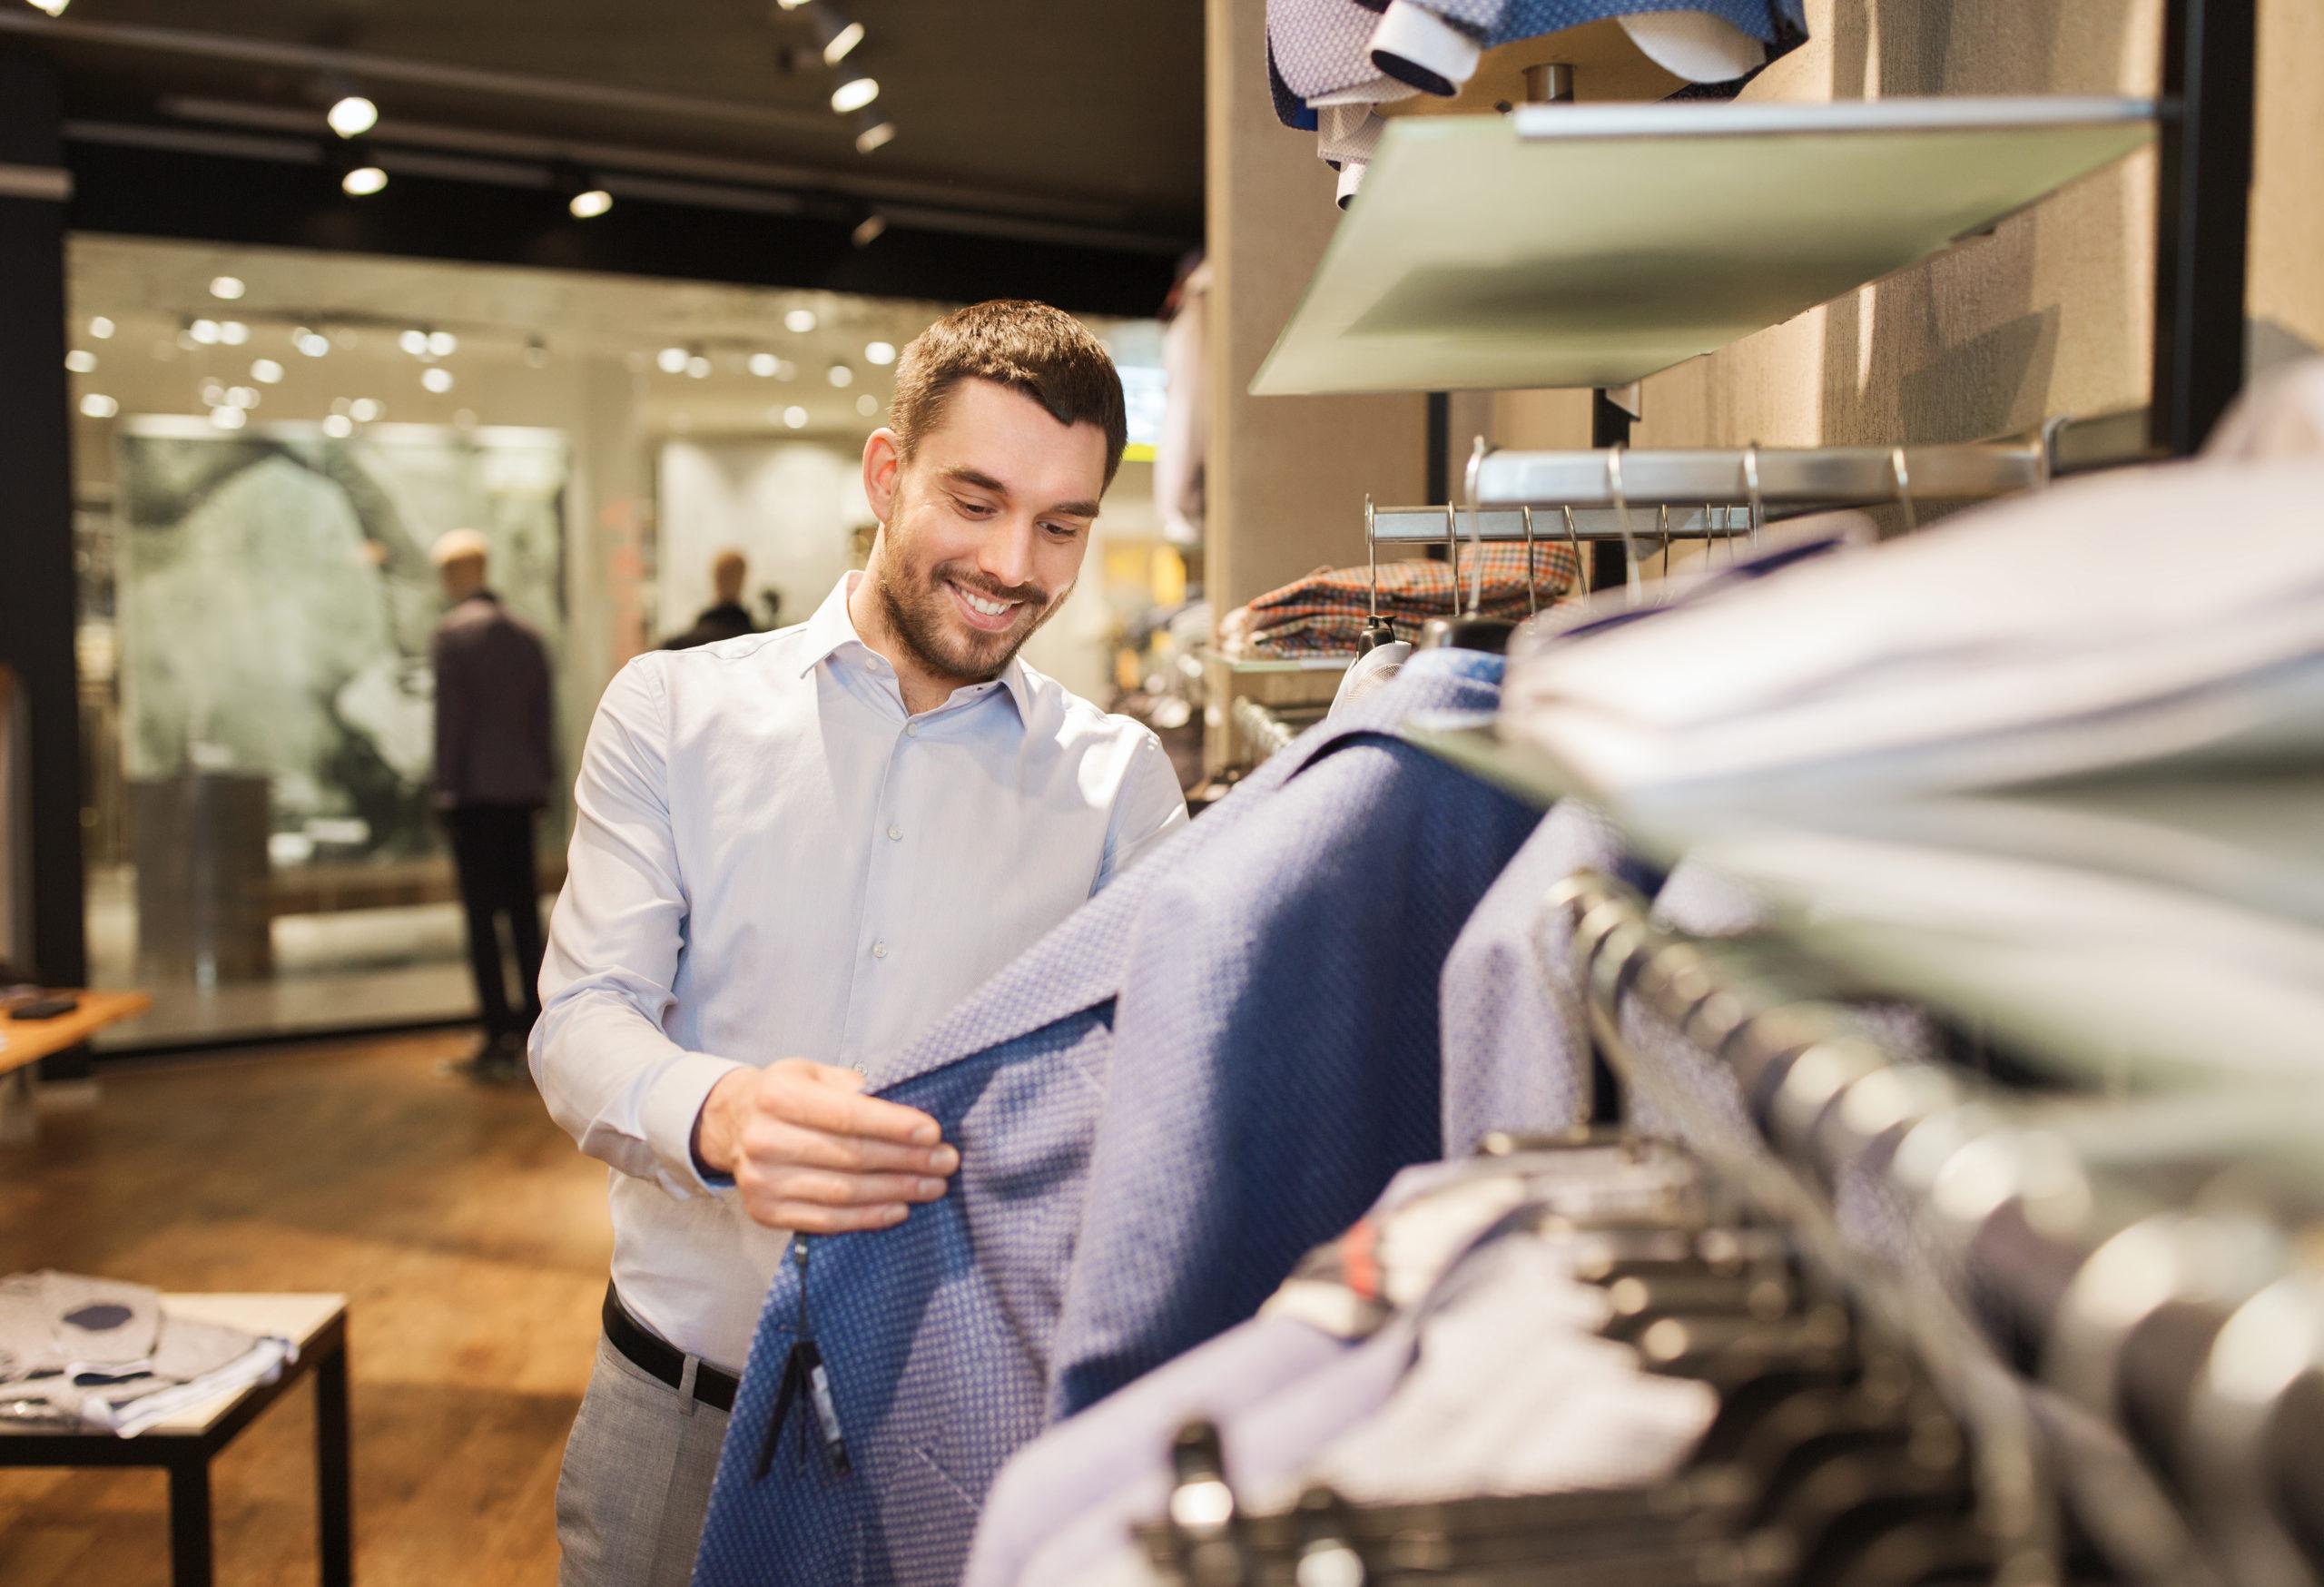 egy nevesebb ruhaboltban több lehetőség közül tudunk választani a zoknitól kezdve a nadrágokon át egészen a pólókig. Fotó: Shutterstock